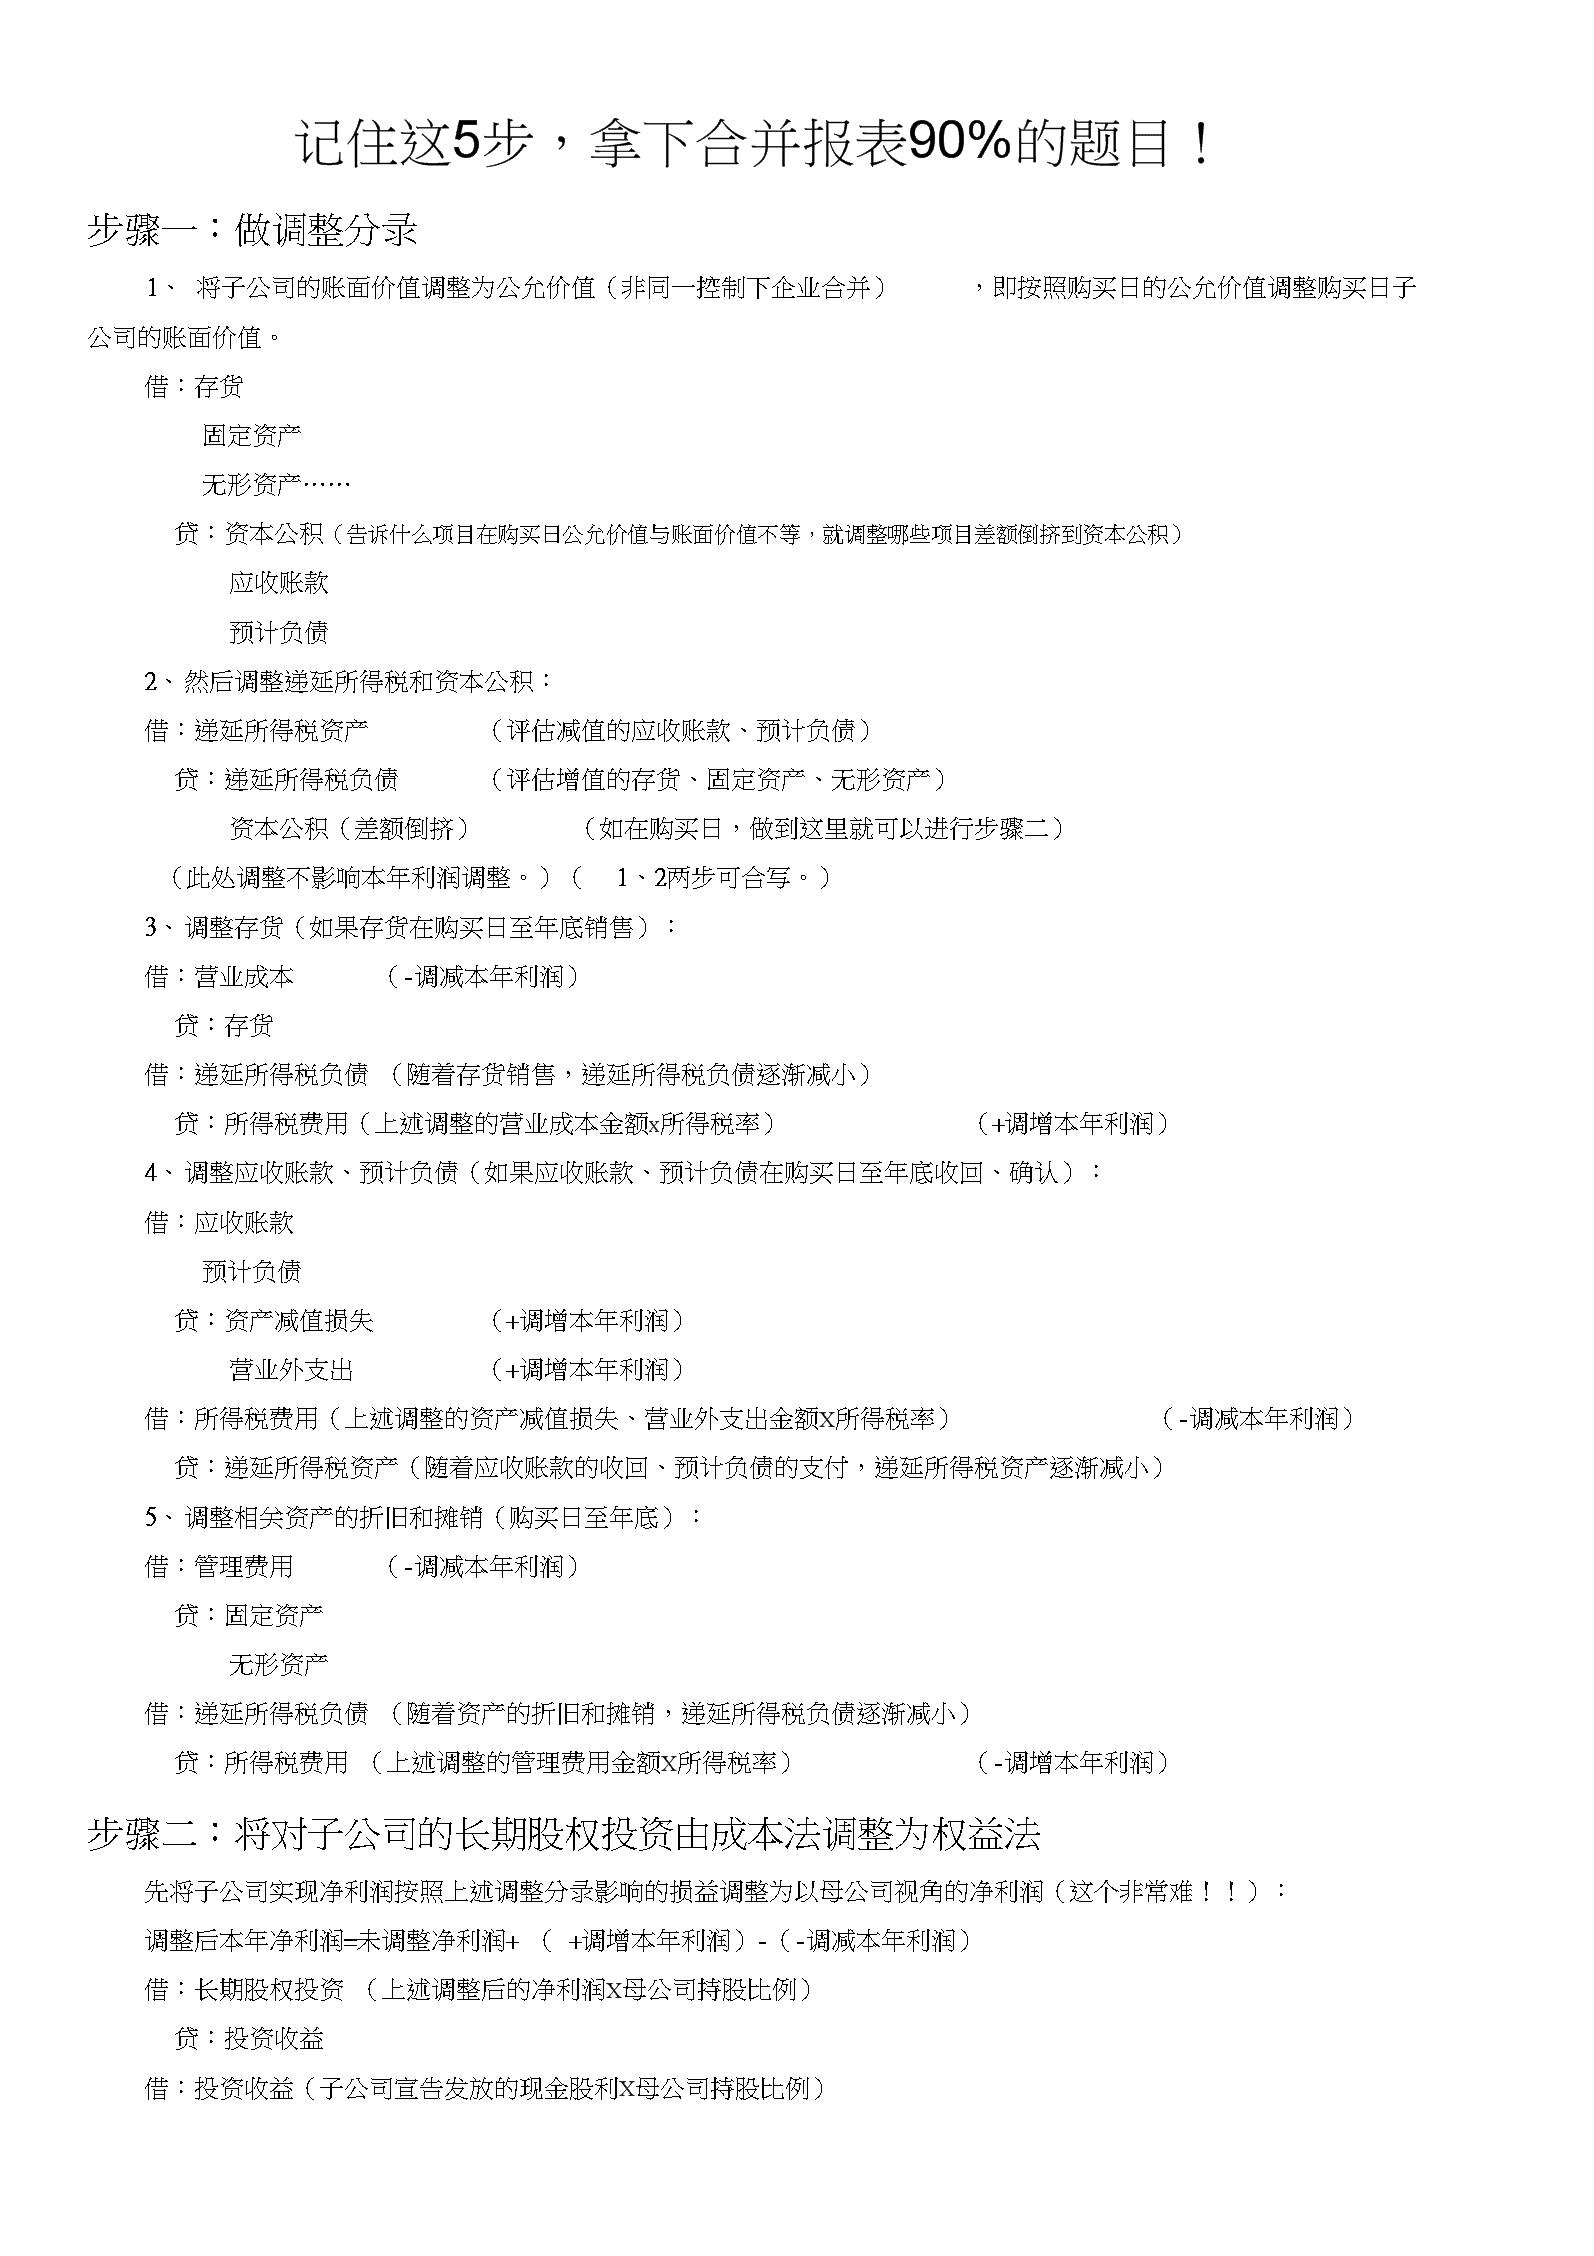 中级会计实务-5步拿下合并报表(最终版).docx